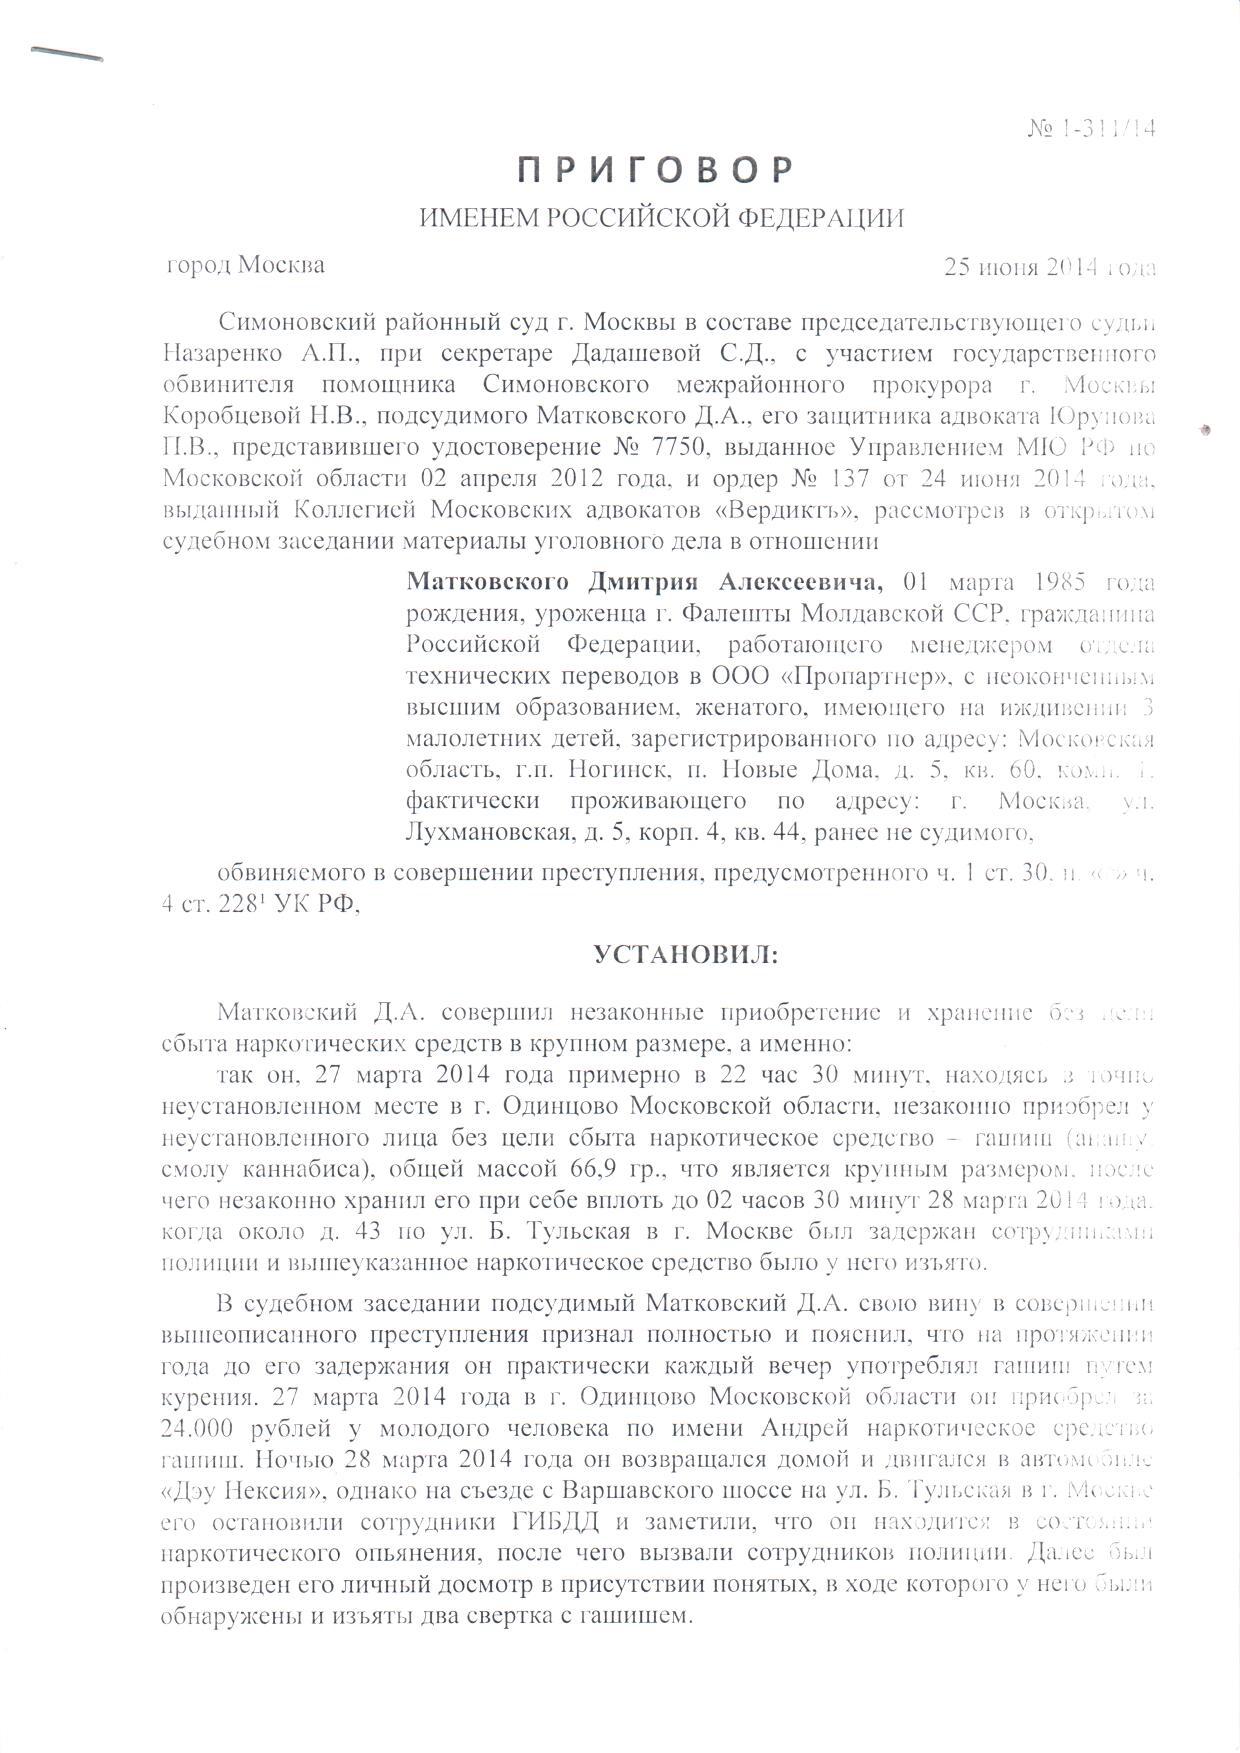 Прения сторон по 228.1 ук рф